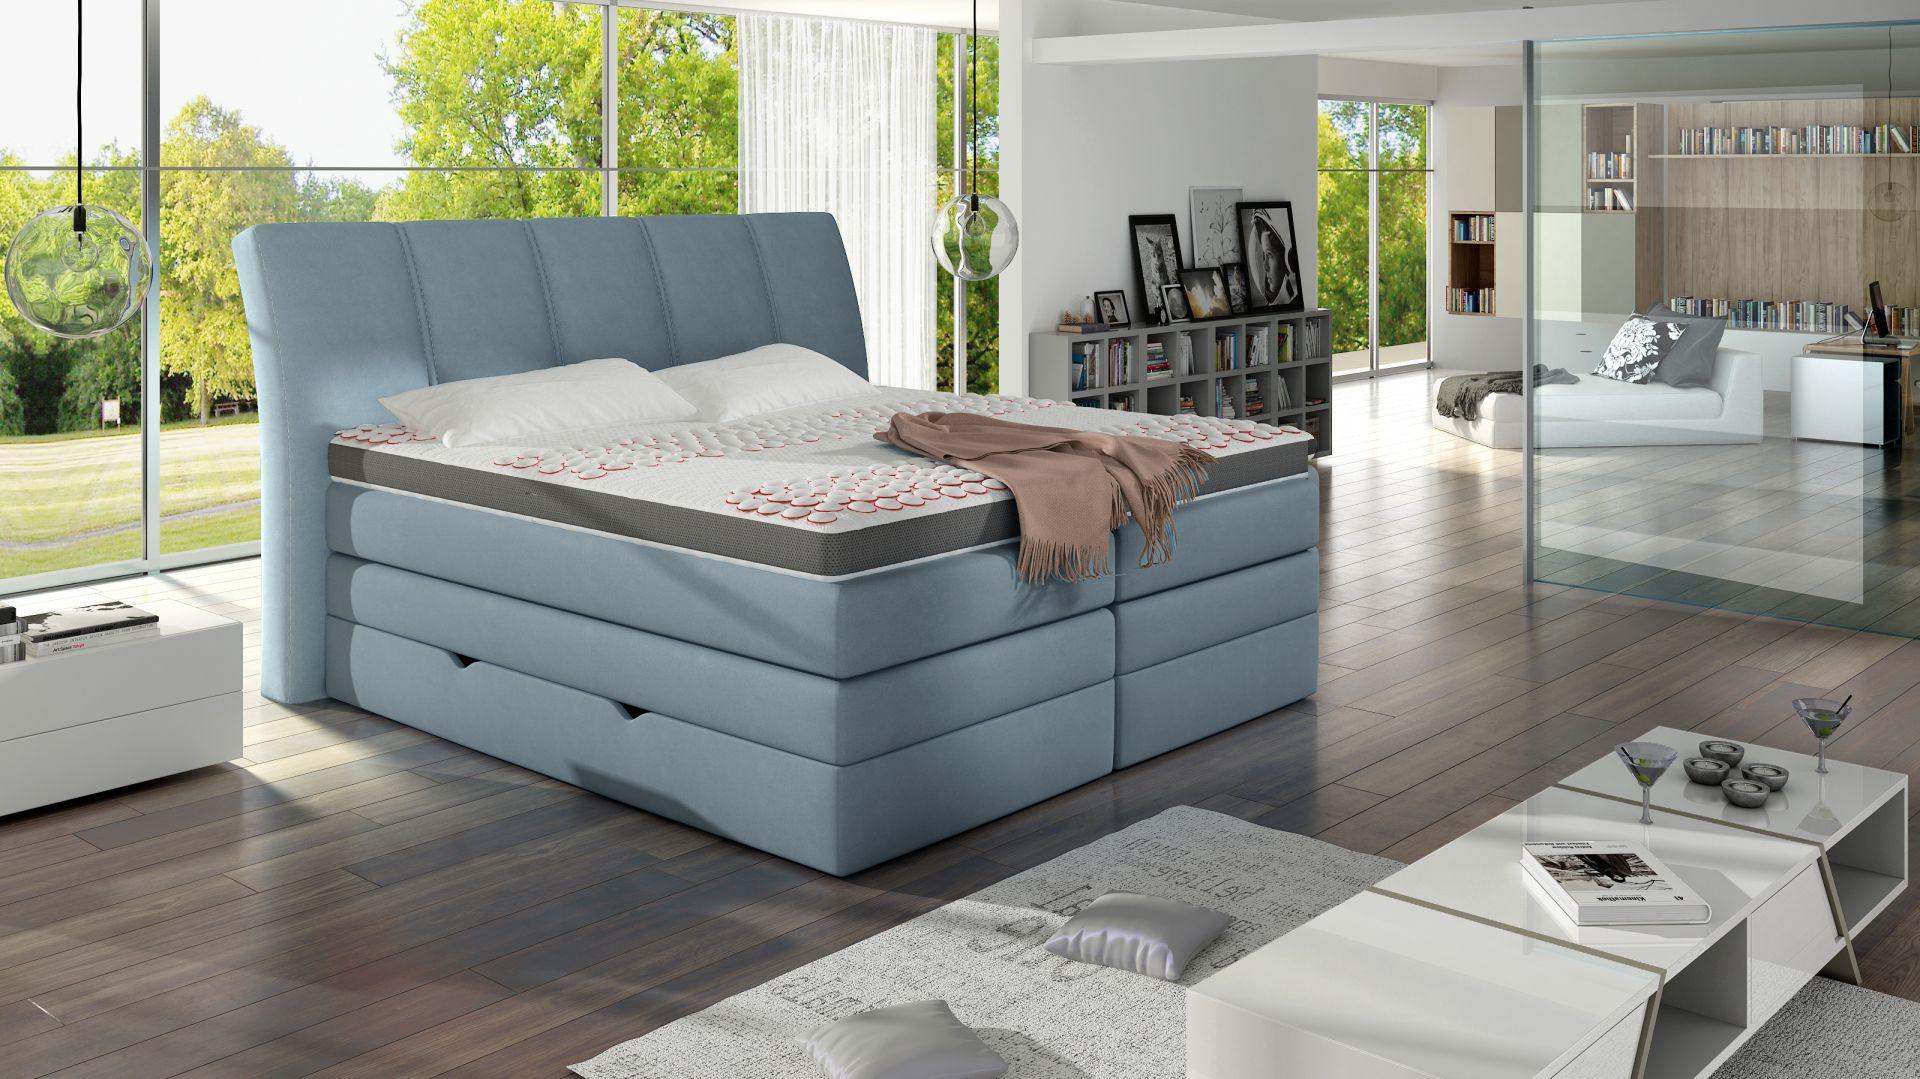 Łóżko kontynentalne Korfu. Fot. Comforteo